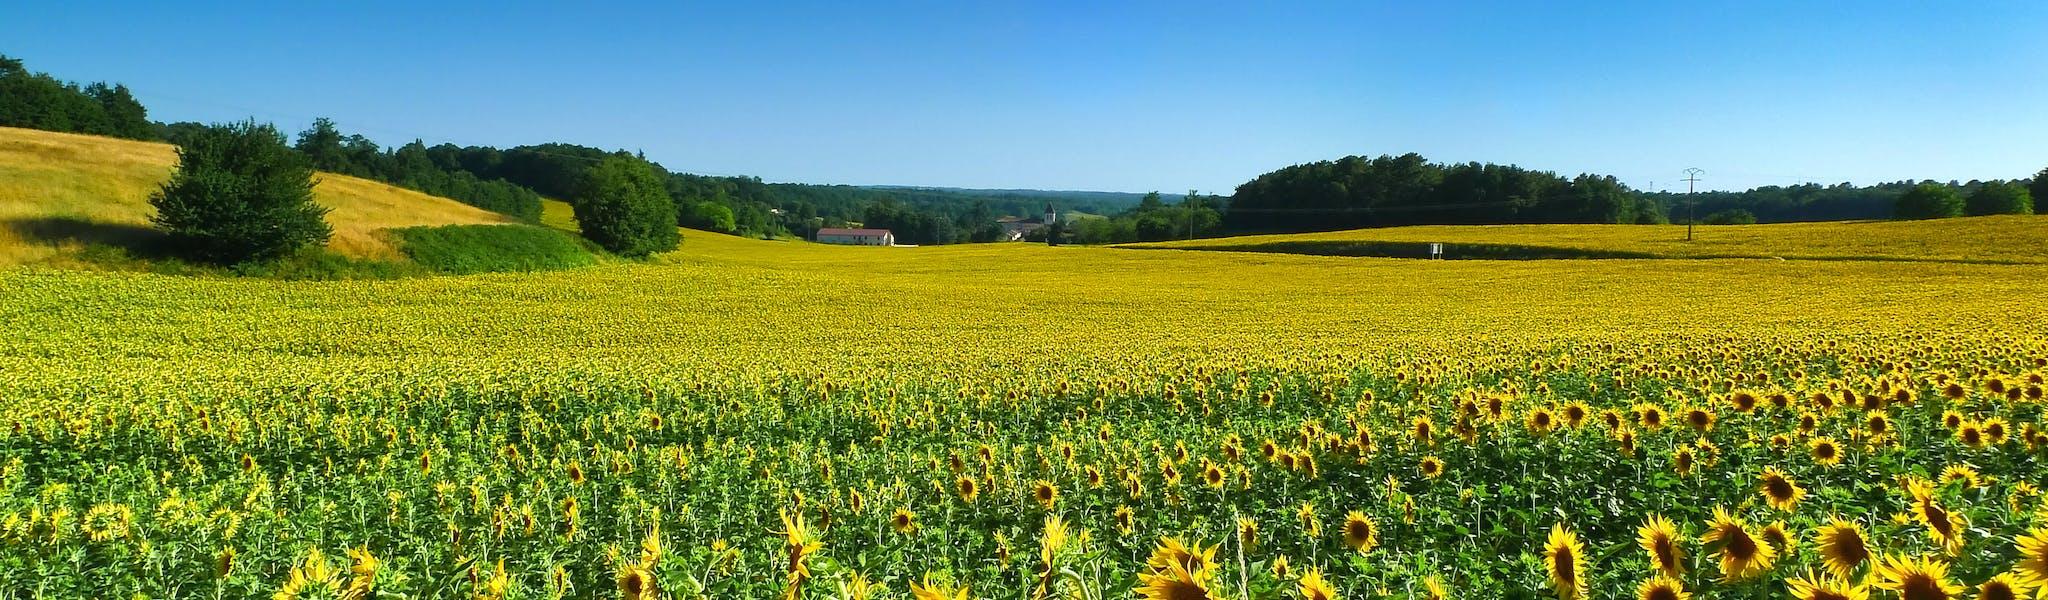 Zonnebloemvelden Frankrijk